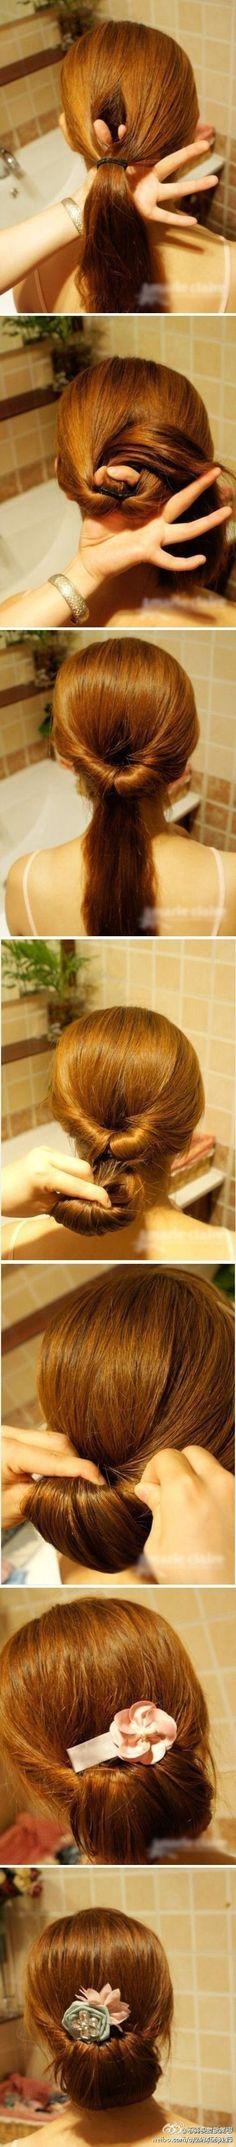 Recogido sencillo q puedes hacer tu misma #cabello #recogido